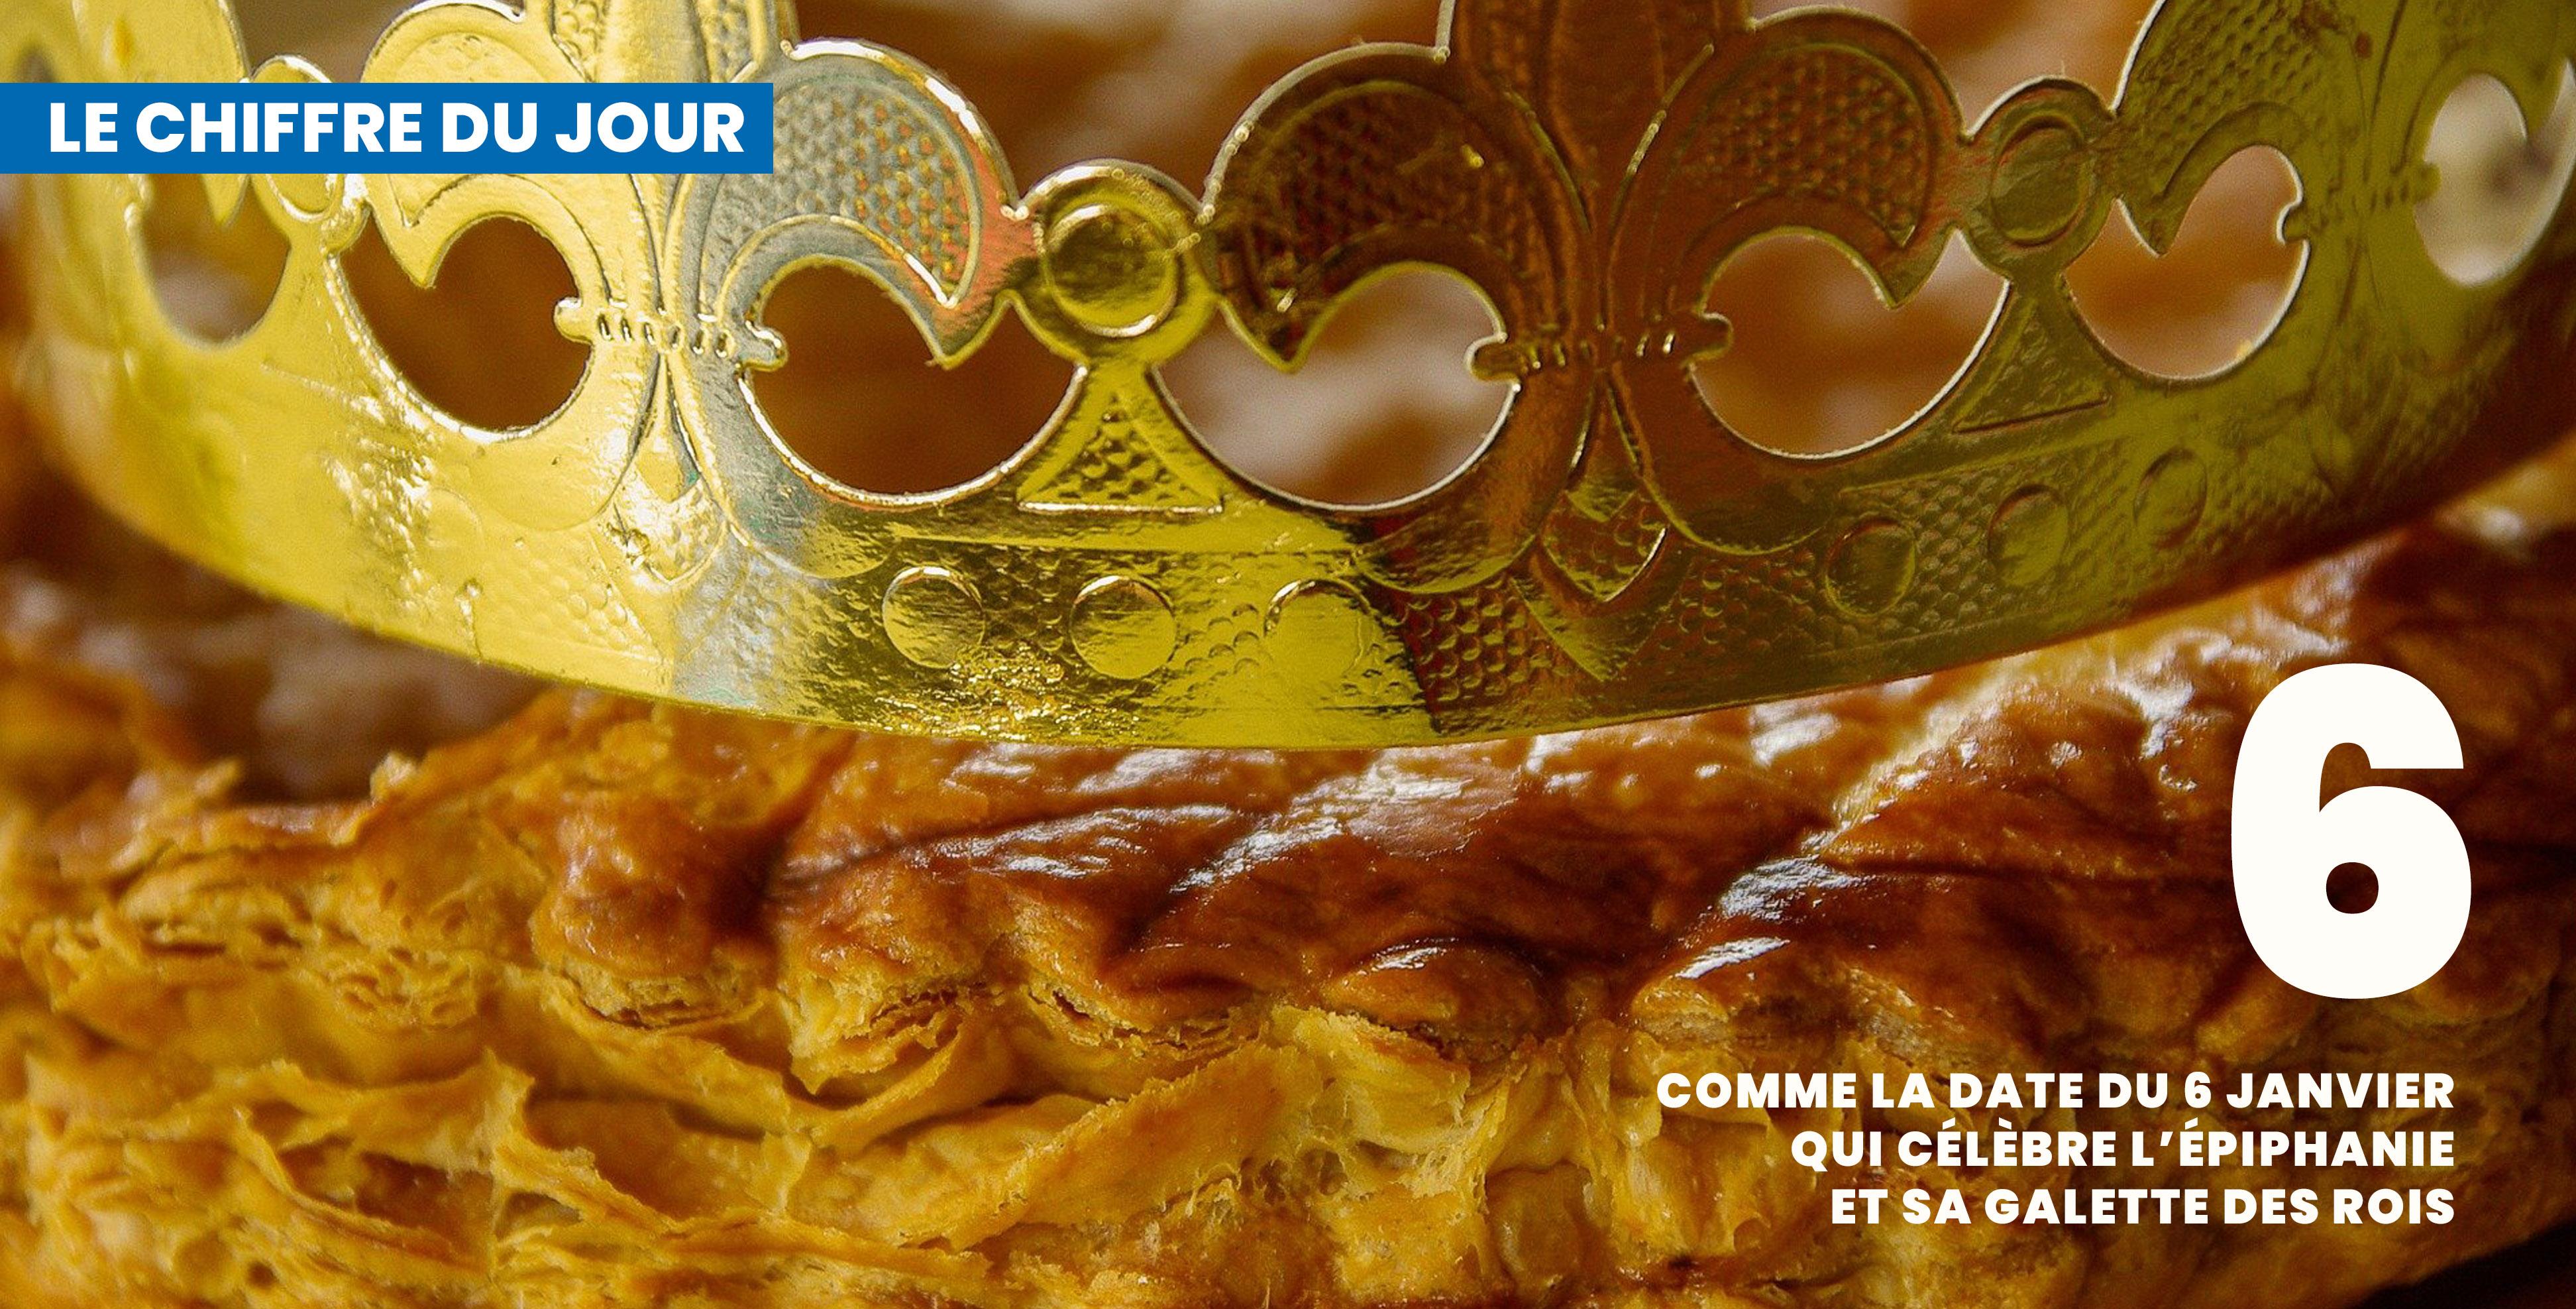 Si l'on mange la galette des rois pour l'Epiphanie, l'on déguste aussi en Corse les lasagnes traditionnelles